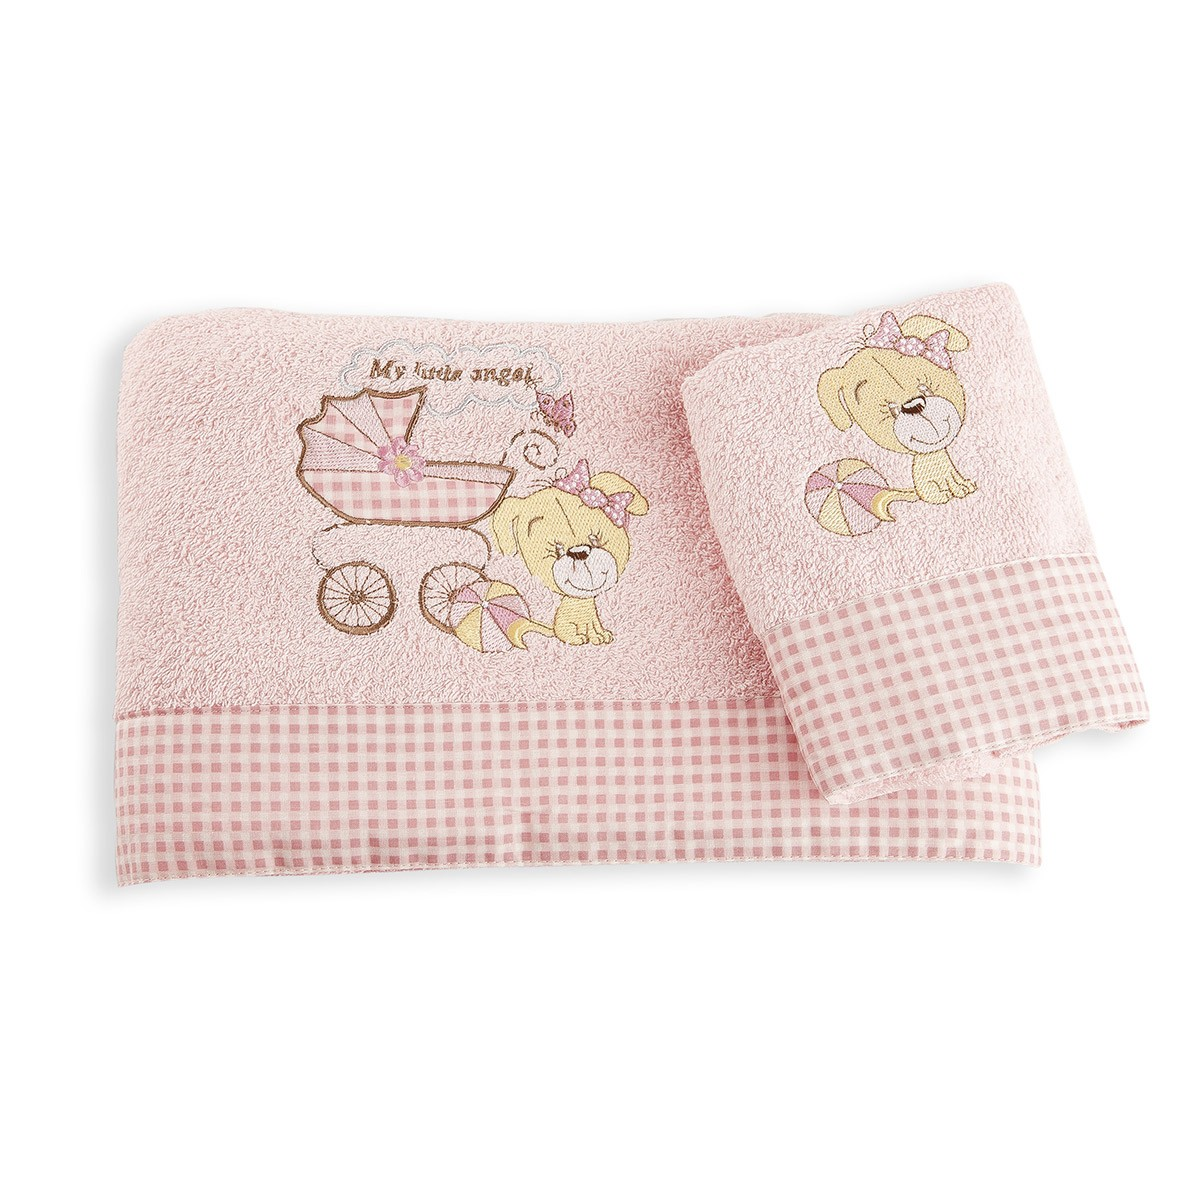 Βρεφικές Πετσέτες (Σετ 2τμχ) Dim Collection My Angel 07